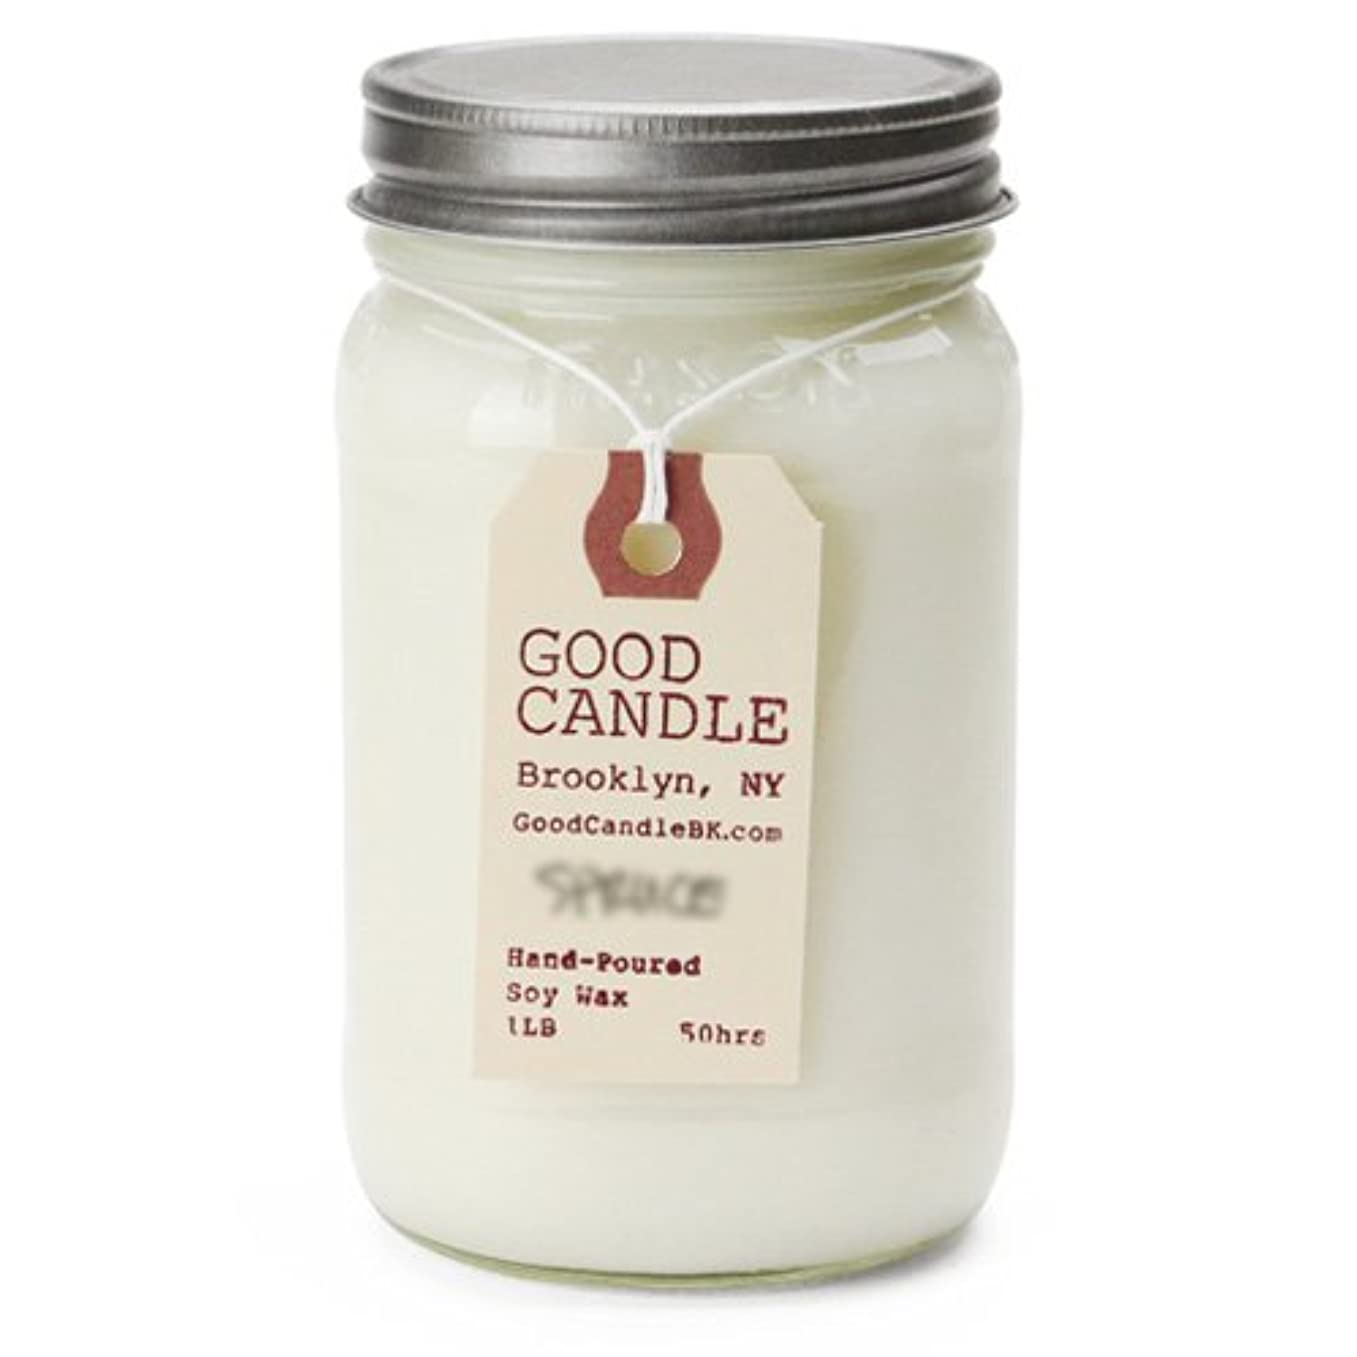 アーティキュレーションエスカレーター種類グッドキャンドル 1ポンド メイソンジャー キャンドル Good Candle 1LB Mason jar candle [ Basil ] 正規品